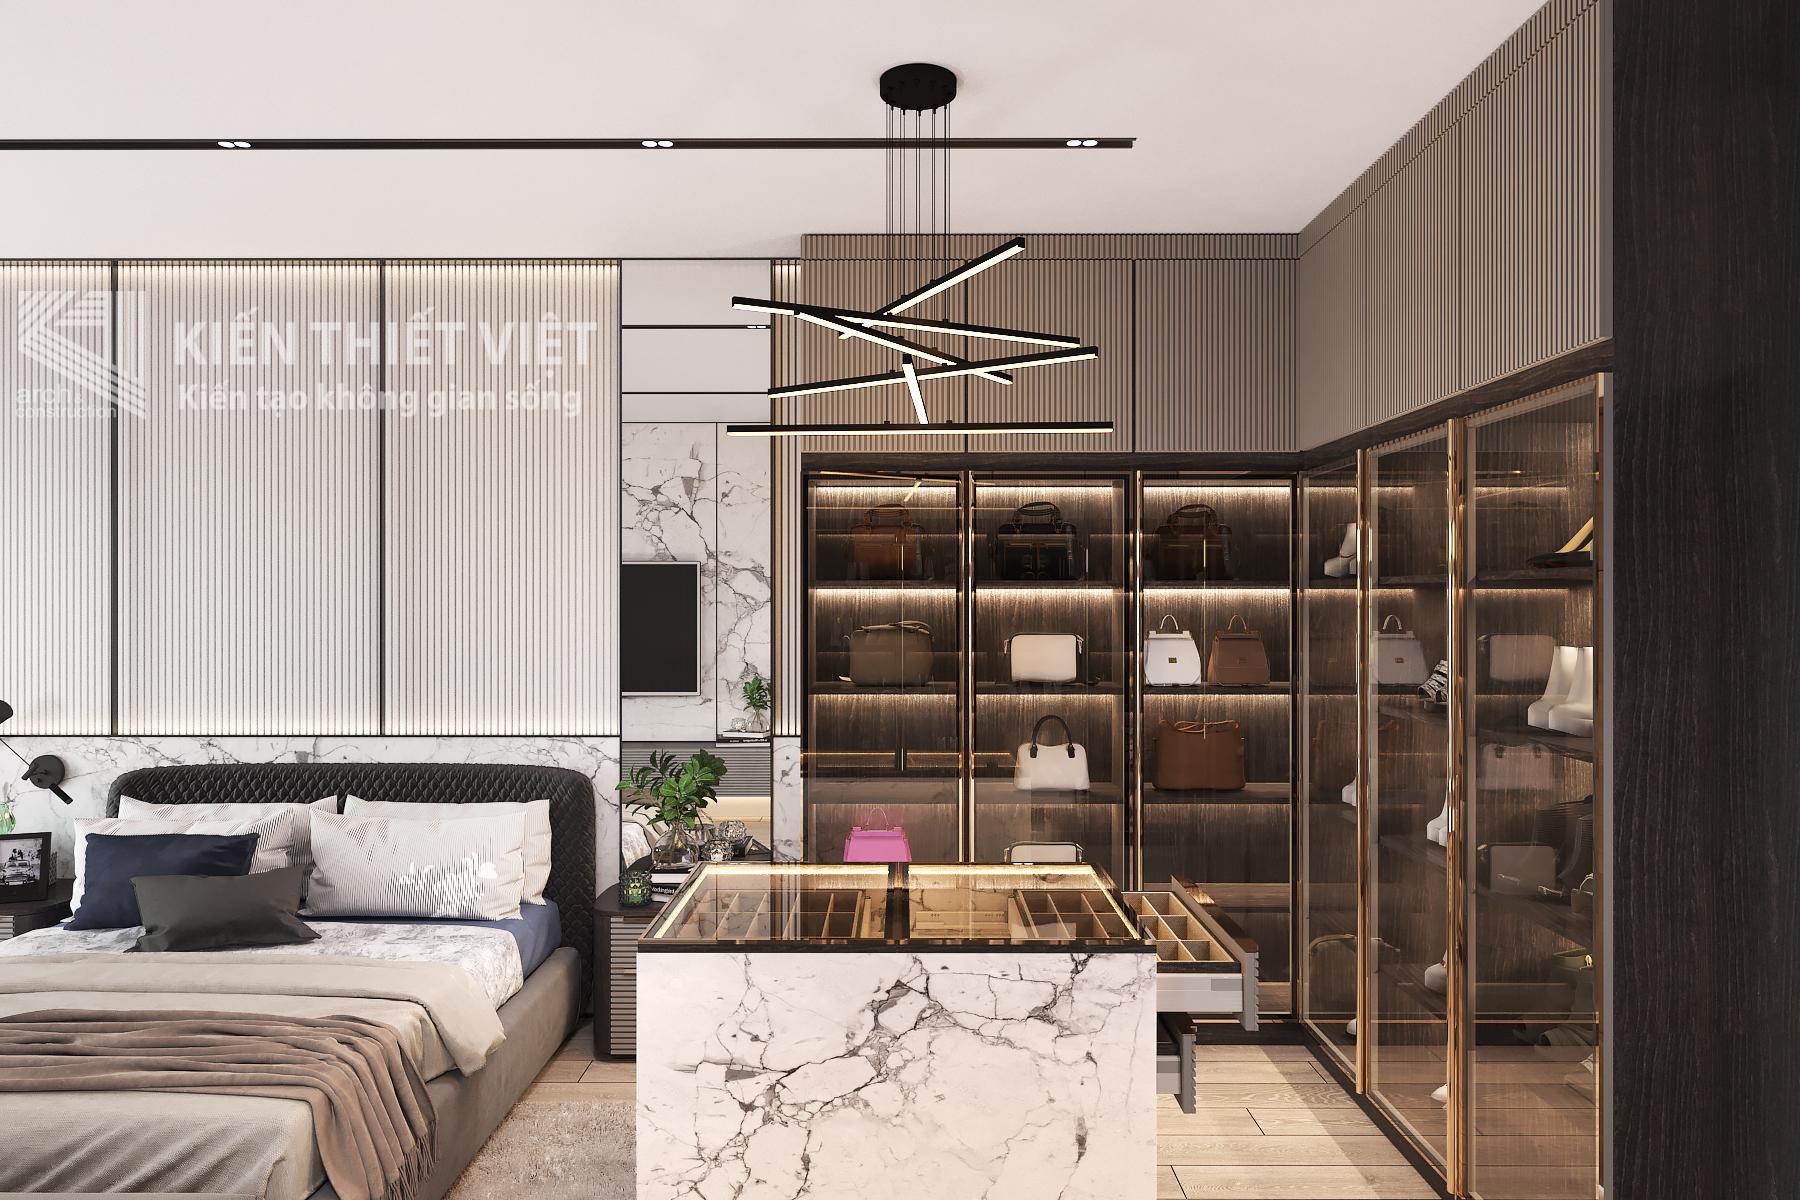 Thiết kế nội thất Nhà Mặt Phố tại Hồ Chí Minh Nhà phố Vườn Lài Tân Phú 1593399393 24